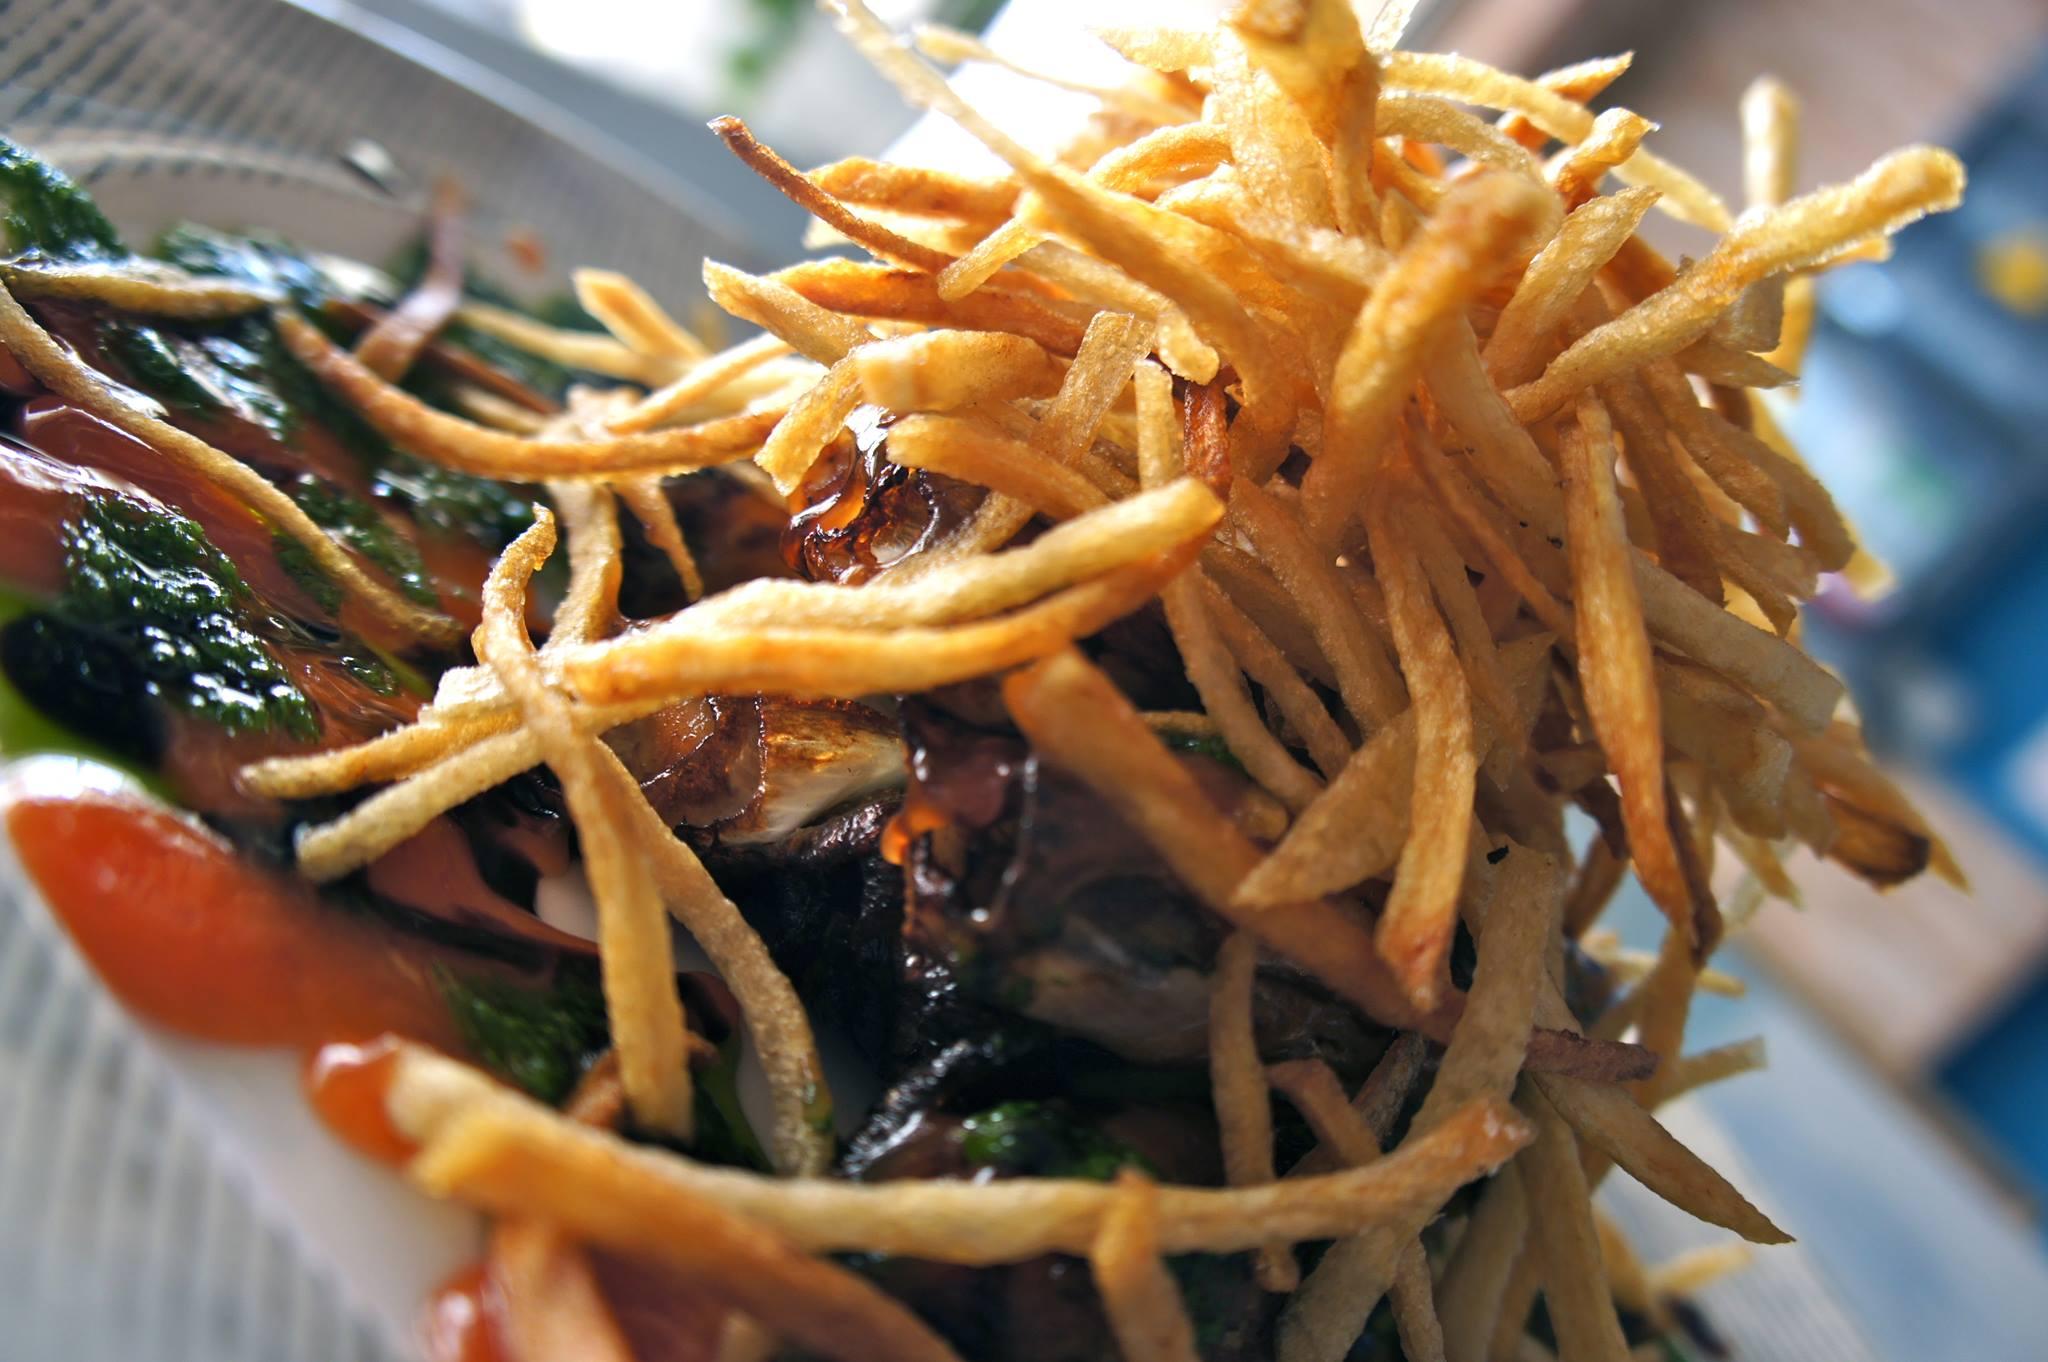 La macarena taller de cocina en las palmas de gran canaria - Cocina gran canaria ...